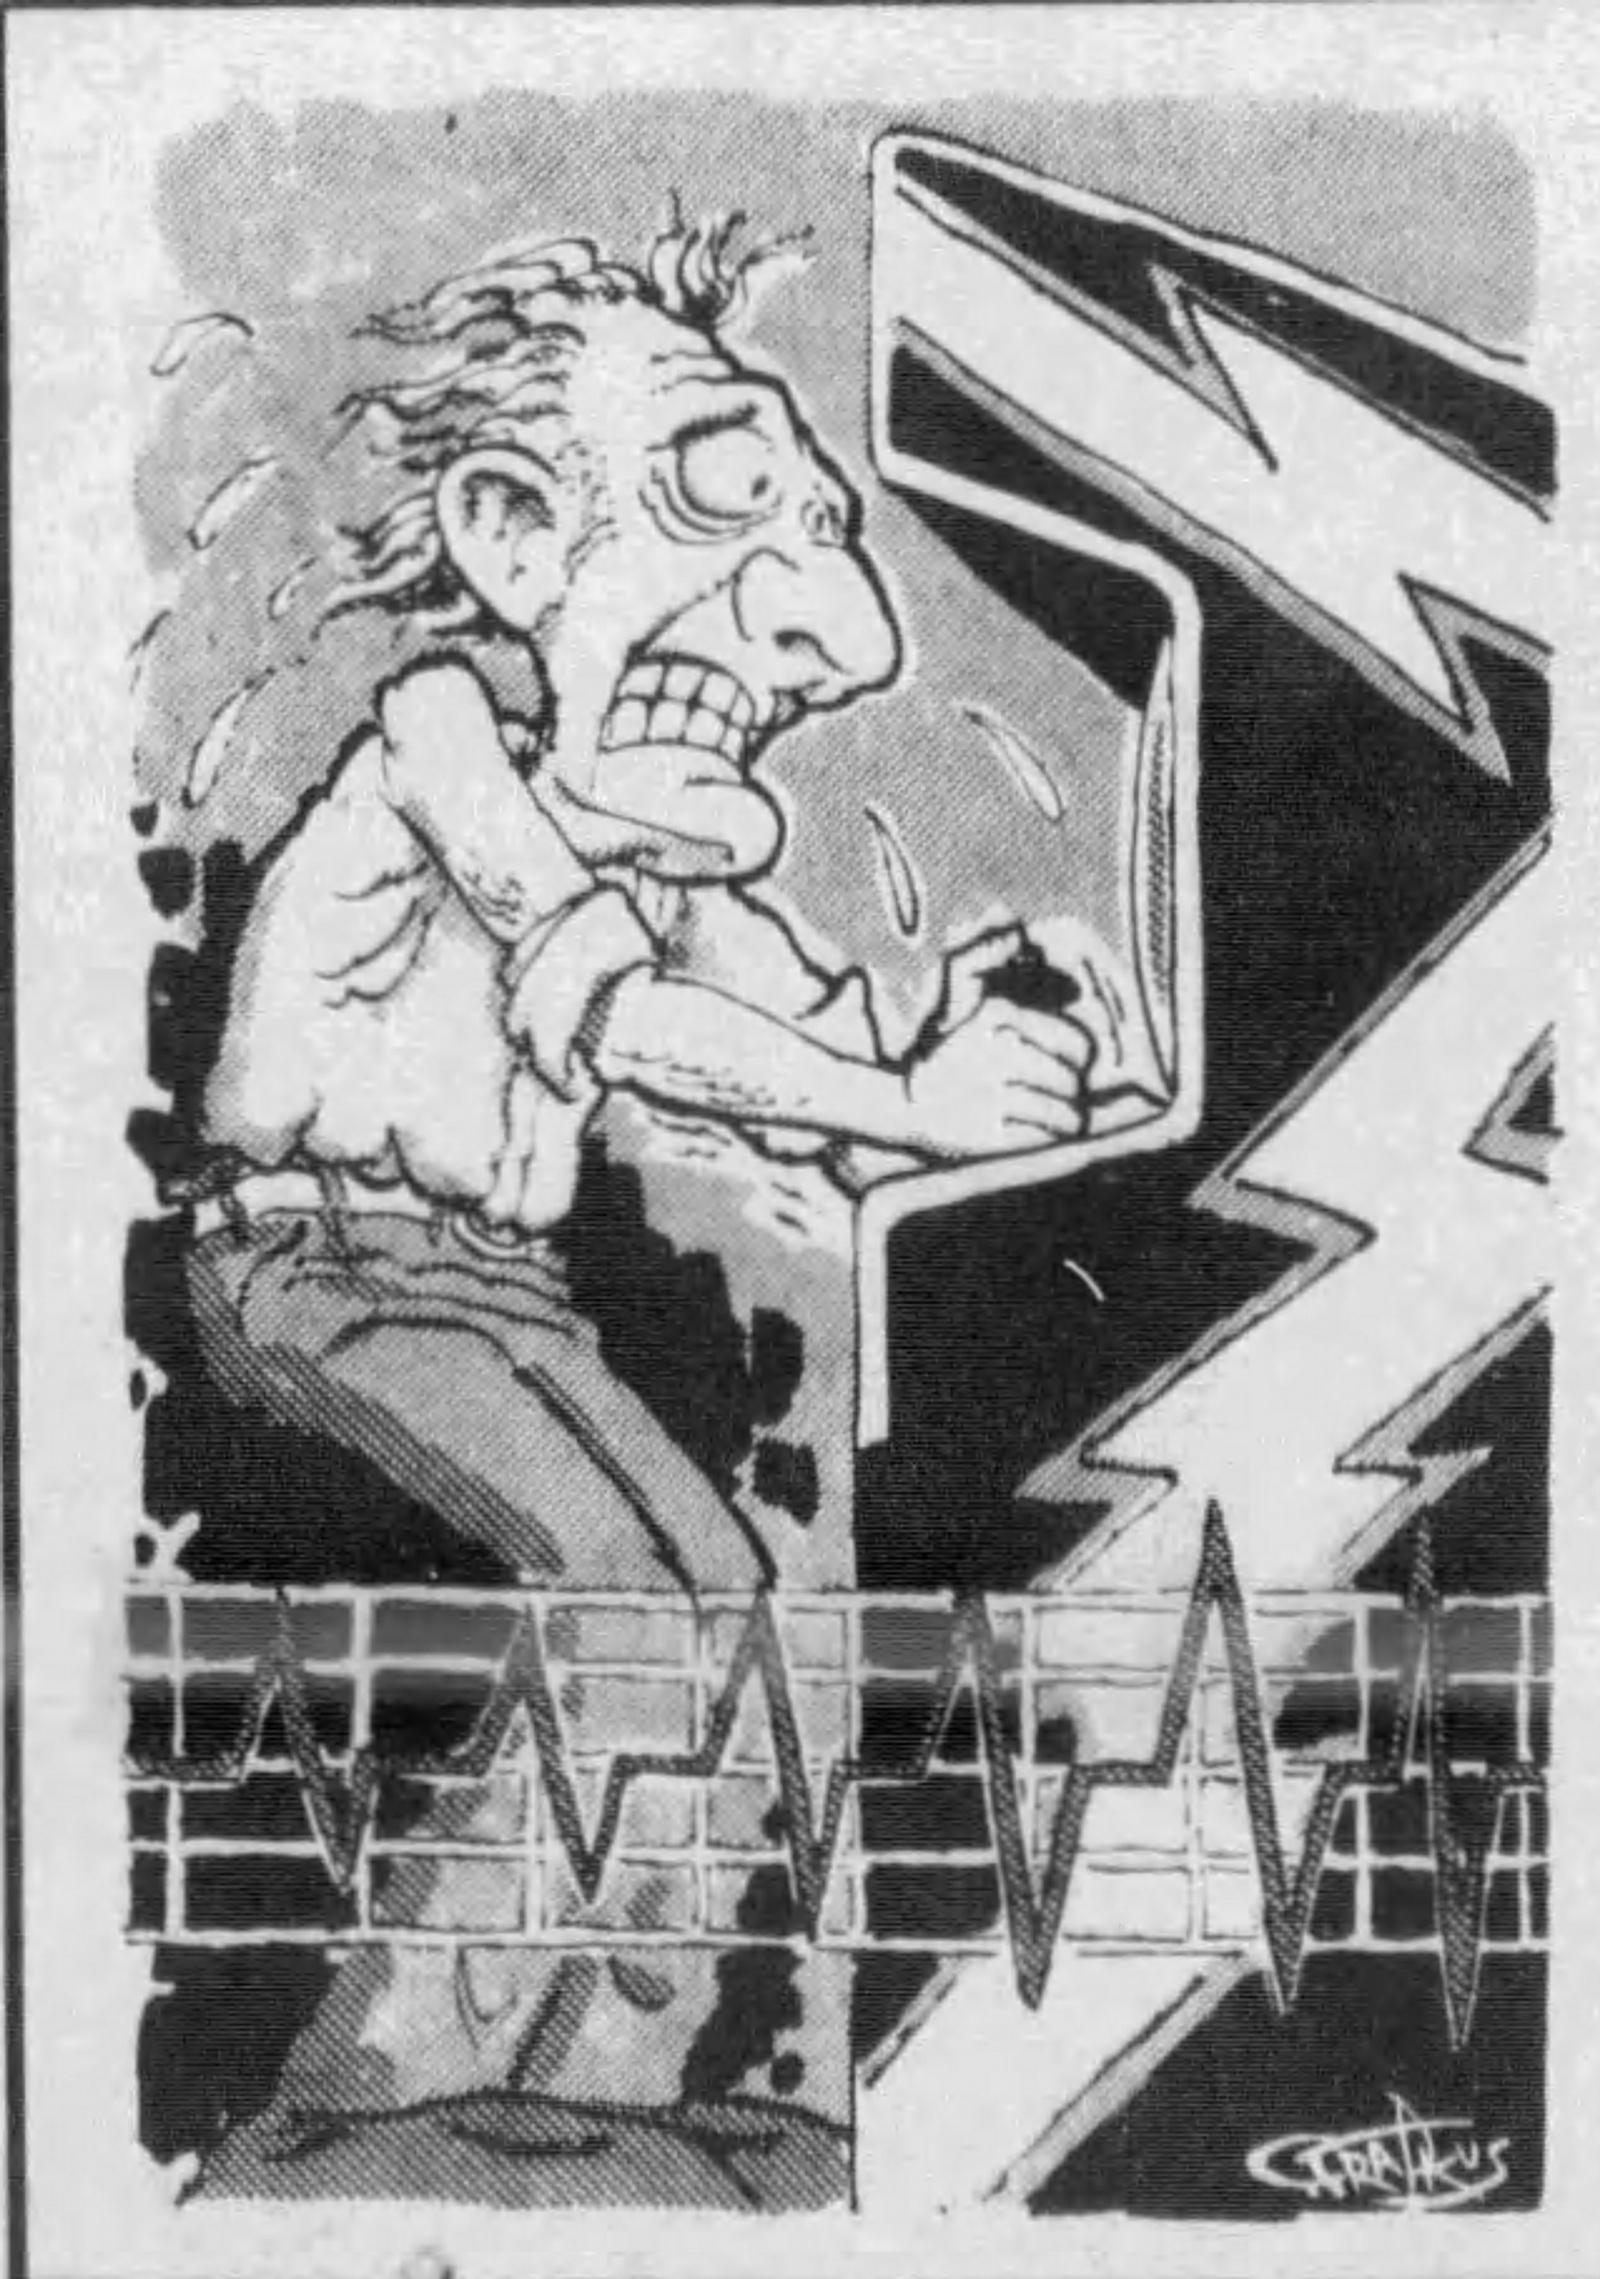 Магазинные крысы, видиоты и игроманы: пропаганда вреда видеоигр, шедшая в 80-х годах - 8